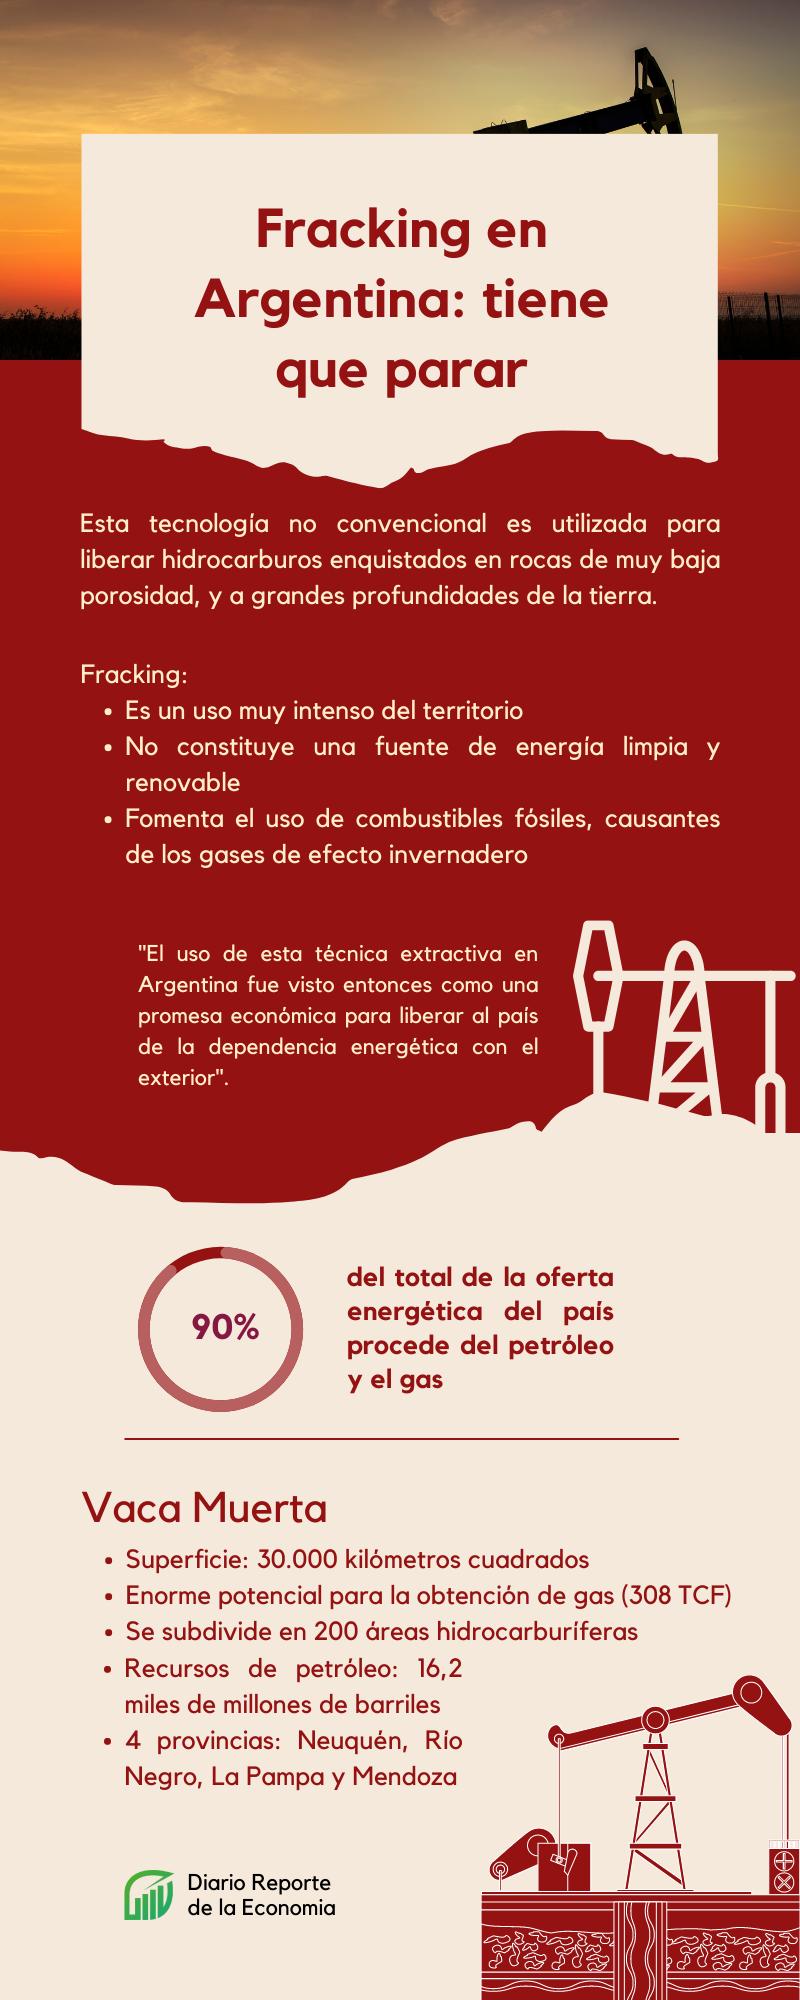 gráfico sobre el Fracking en Argentina y por qué tiene que parar